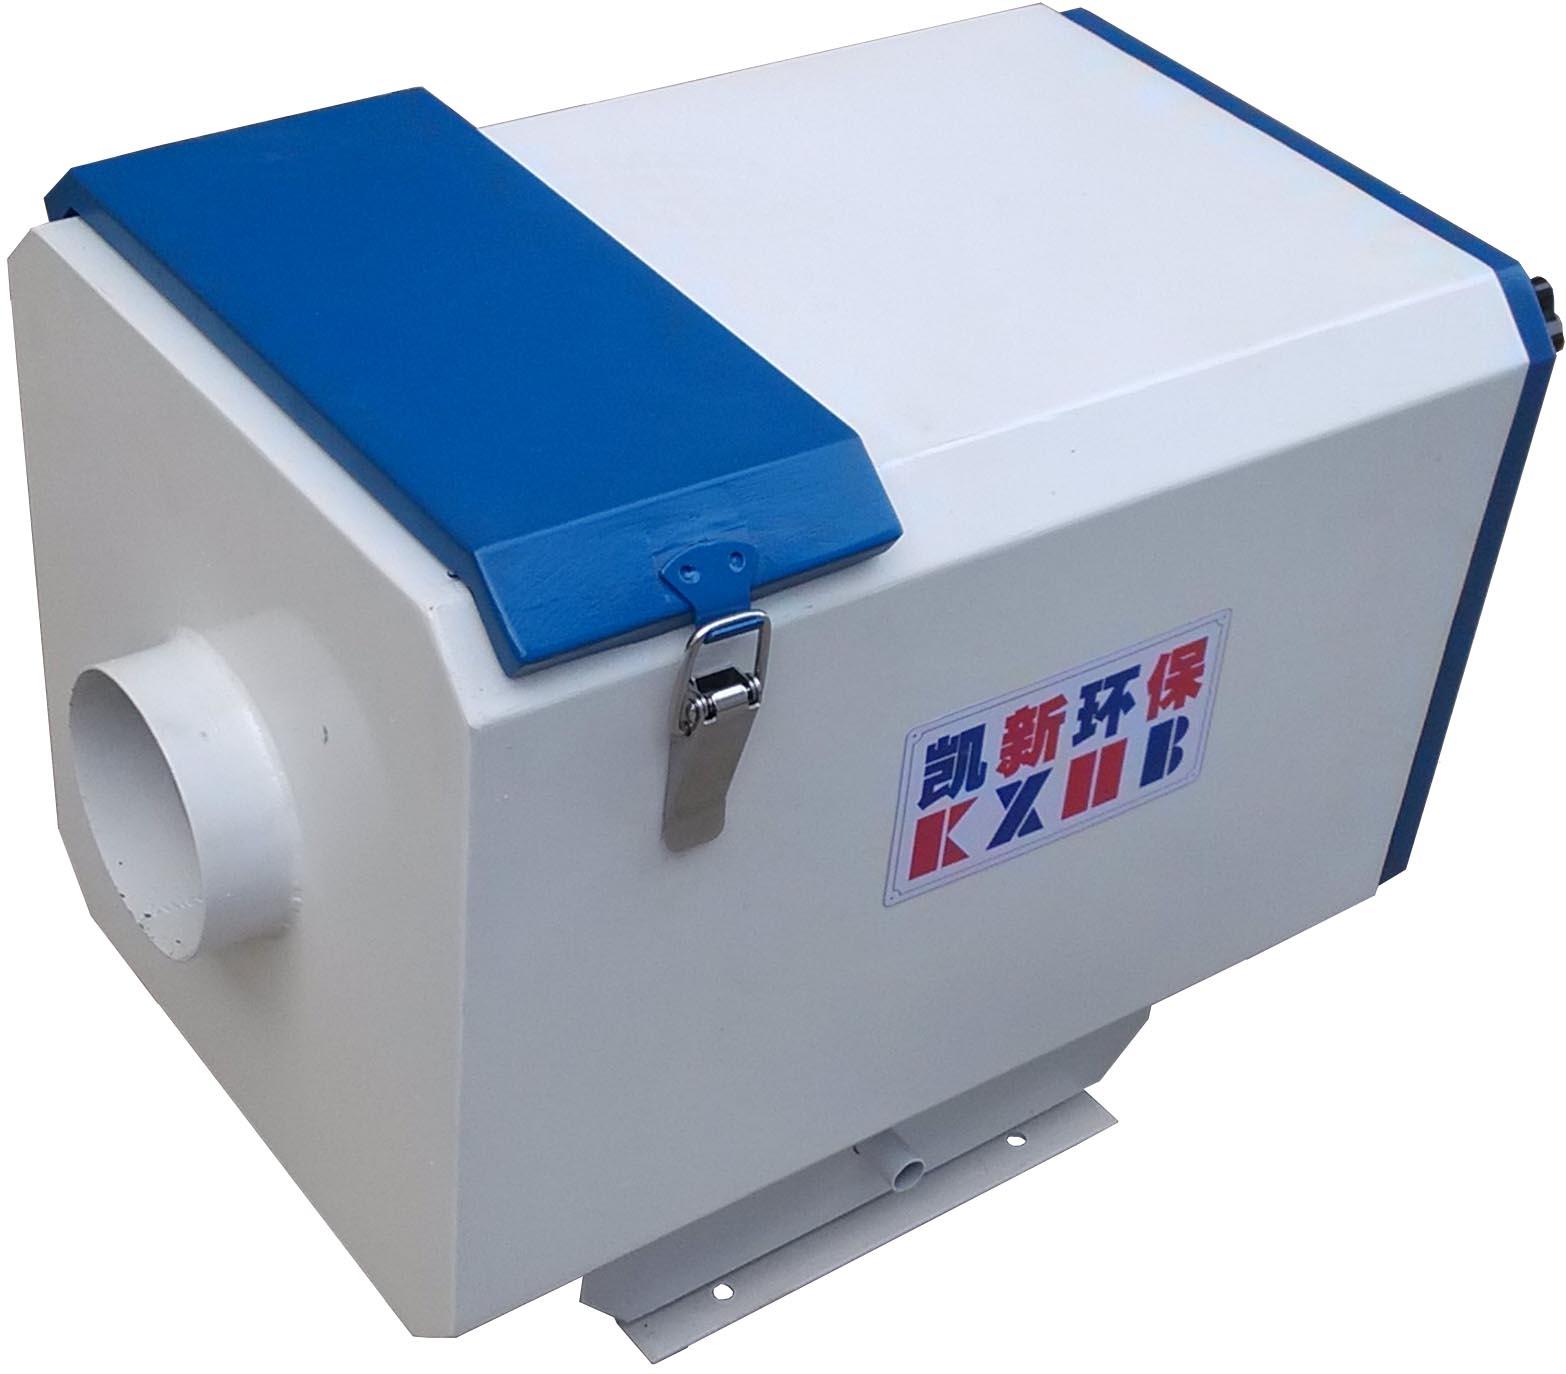 厂家直销1100m3/h机床油雾收集器,油雾净化器